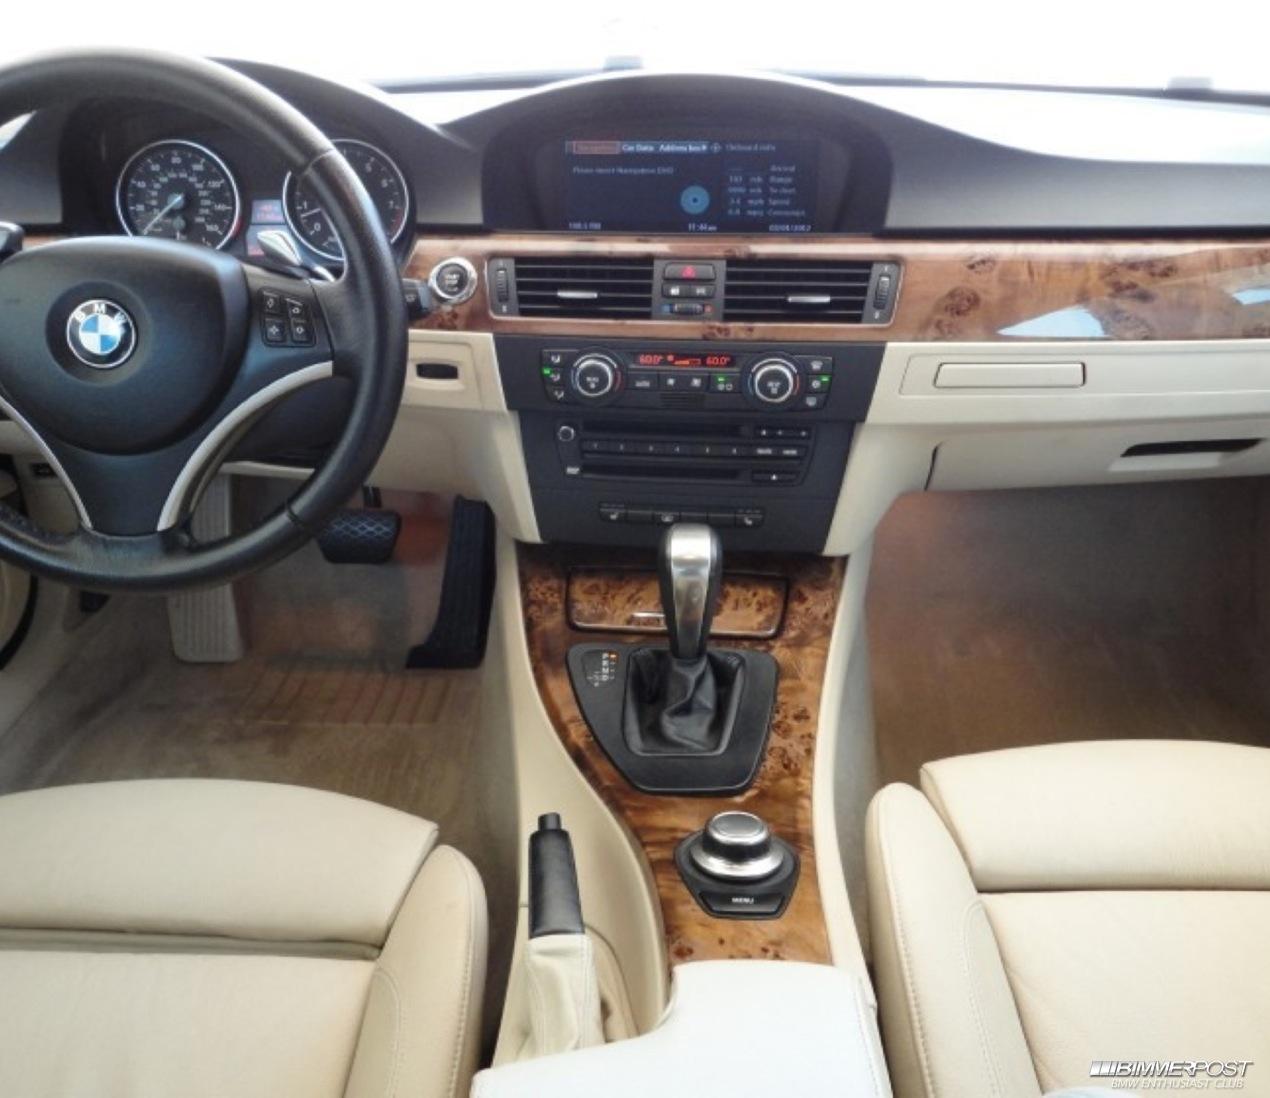 Rrpeinha's 2008 BMW 335i